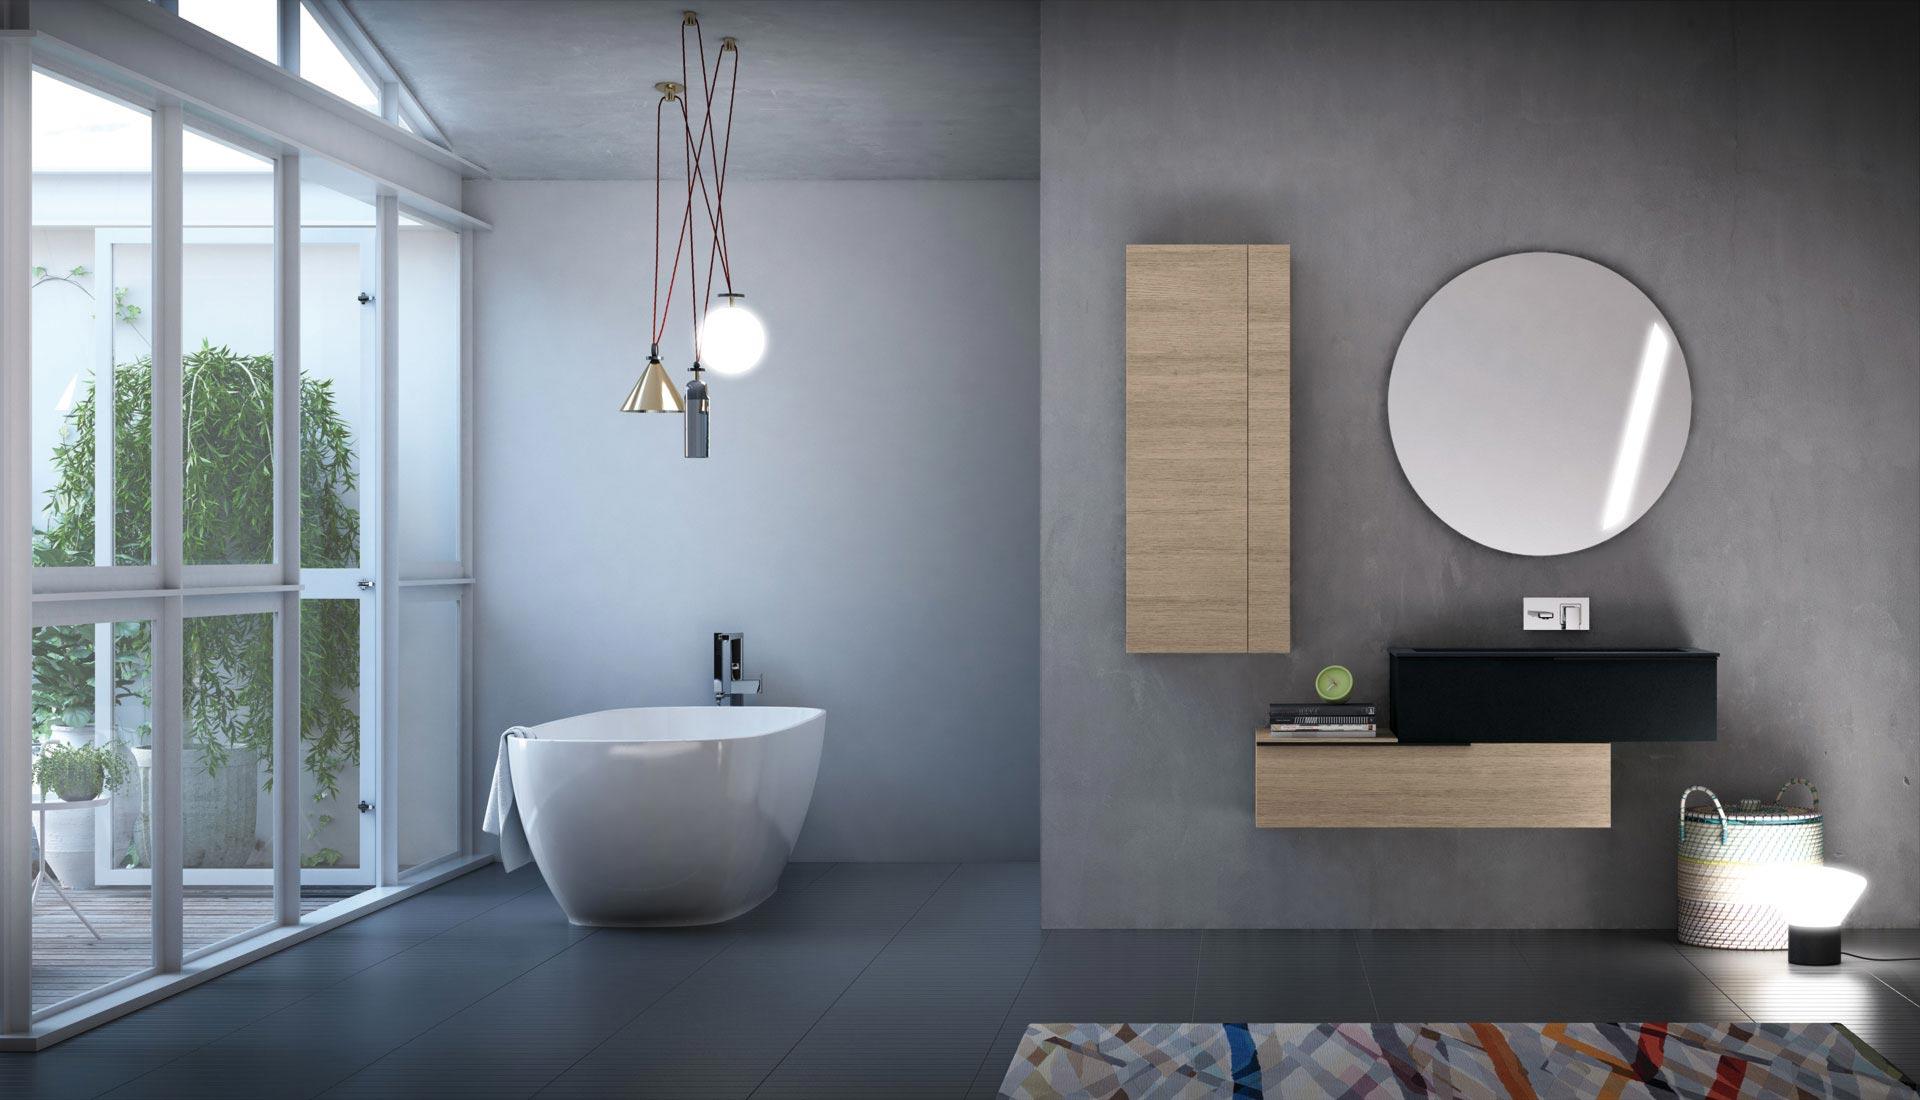 arredo bagno: mobili e arredamento bagno su misura - puntotre - Arredo Bagno Modena